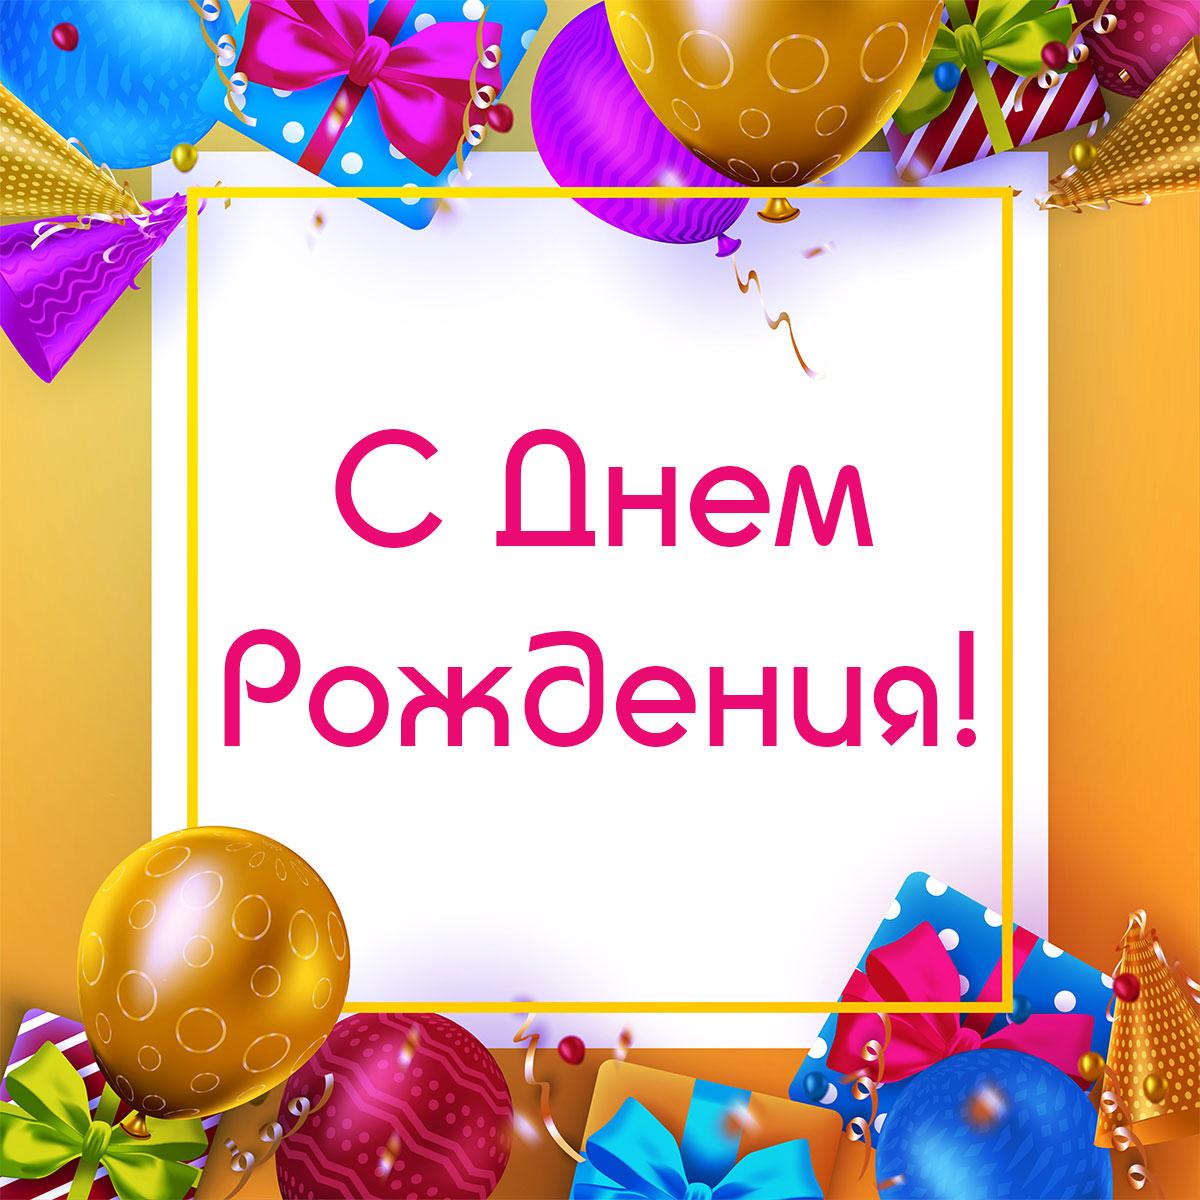 Картинка открытка ко дню рождения с воздушными шарами, подарками и поздравительным текстом.